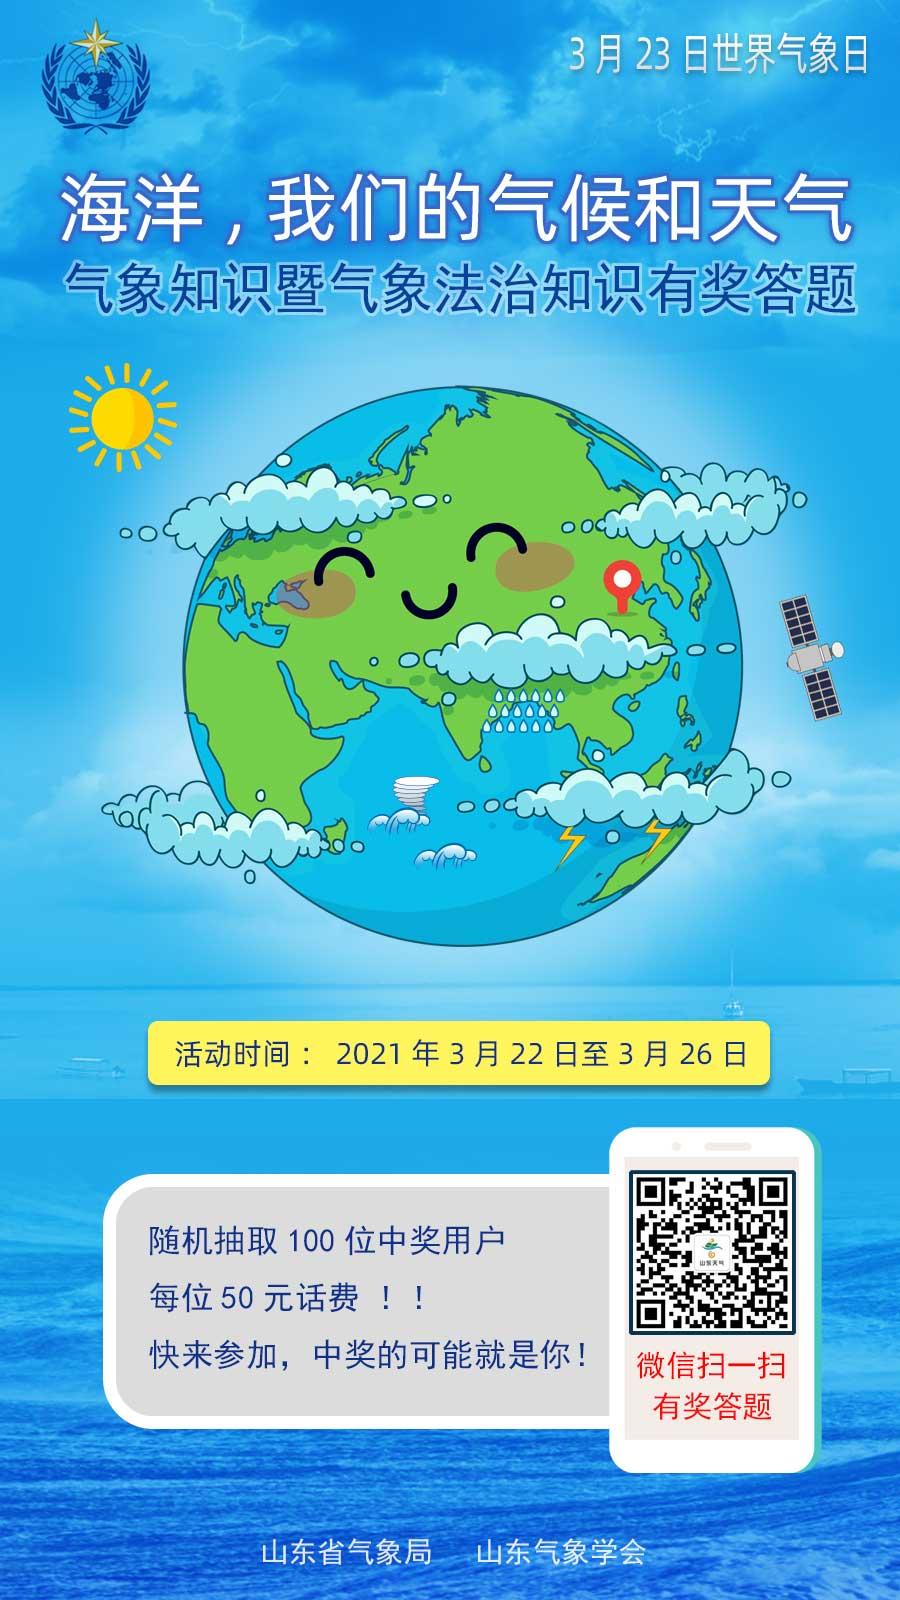 http://i.weather.com.cn/images/shandong/sdqxxw/2021/03/18/1616042202499065351.jpg